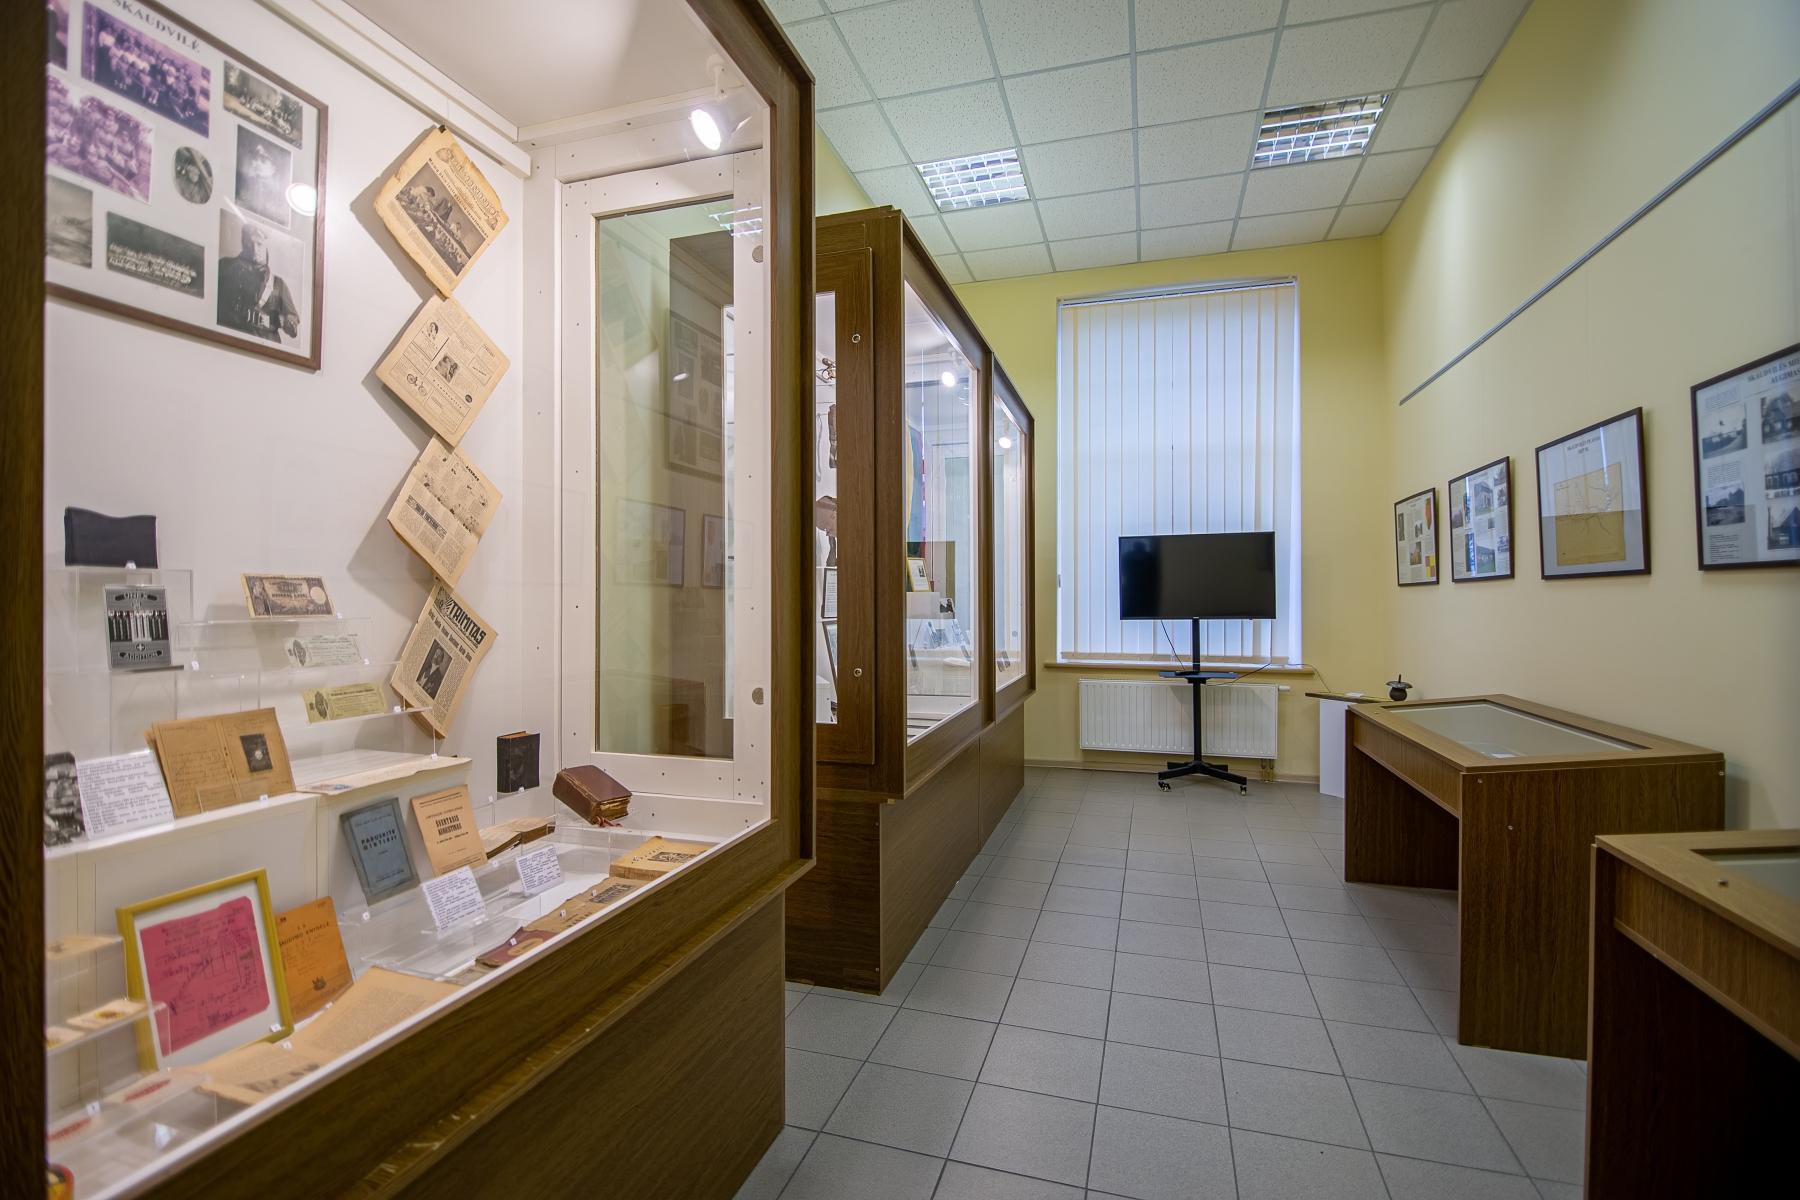 046_Taurages-muziejus